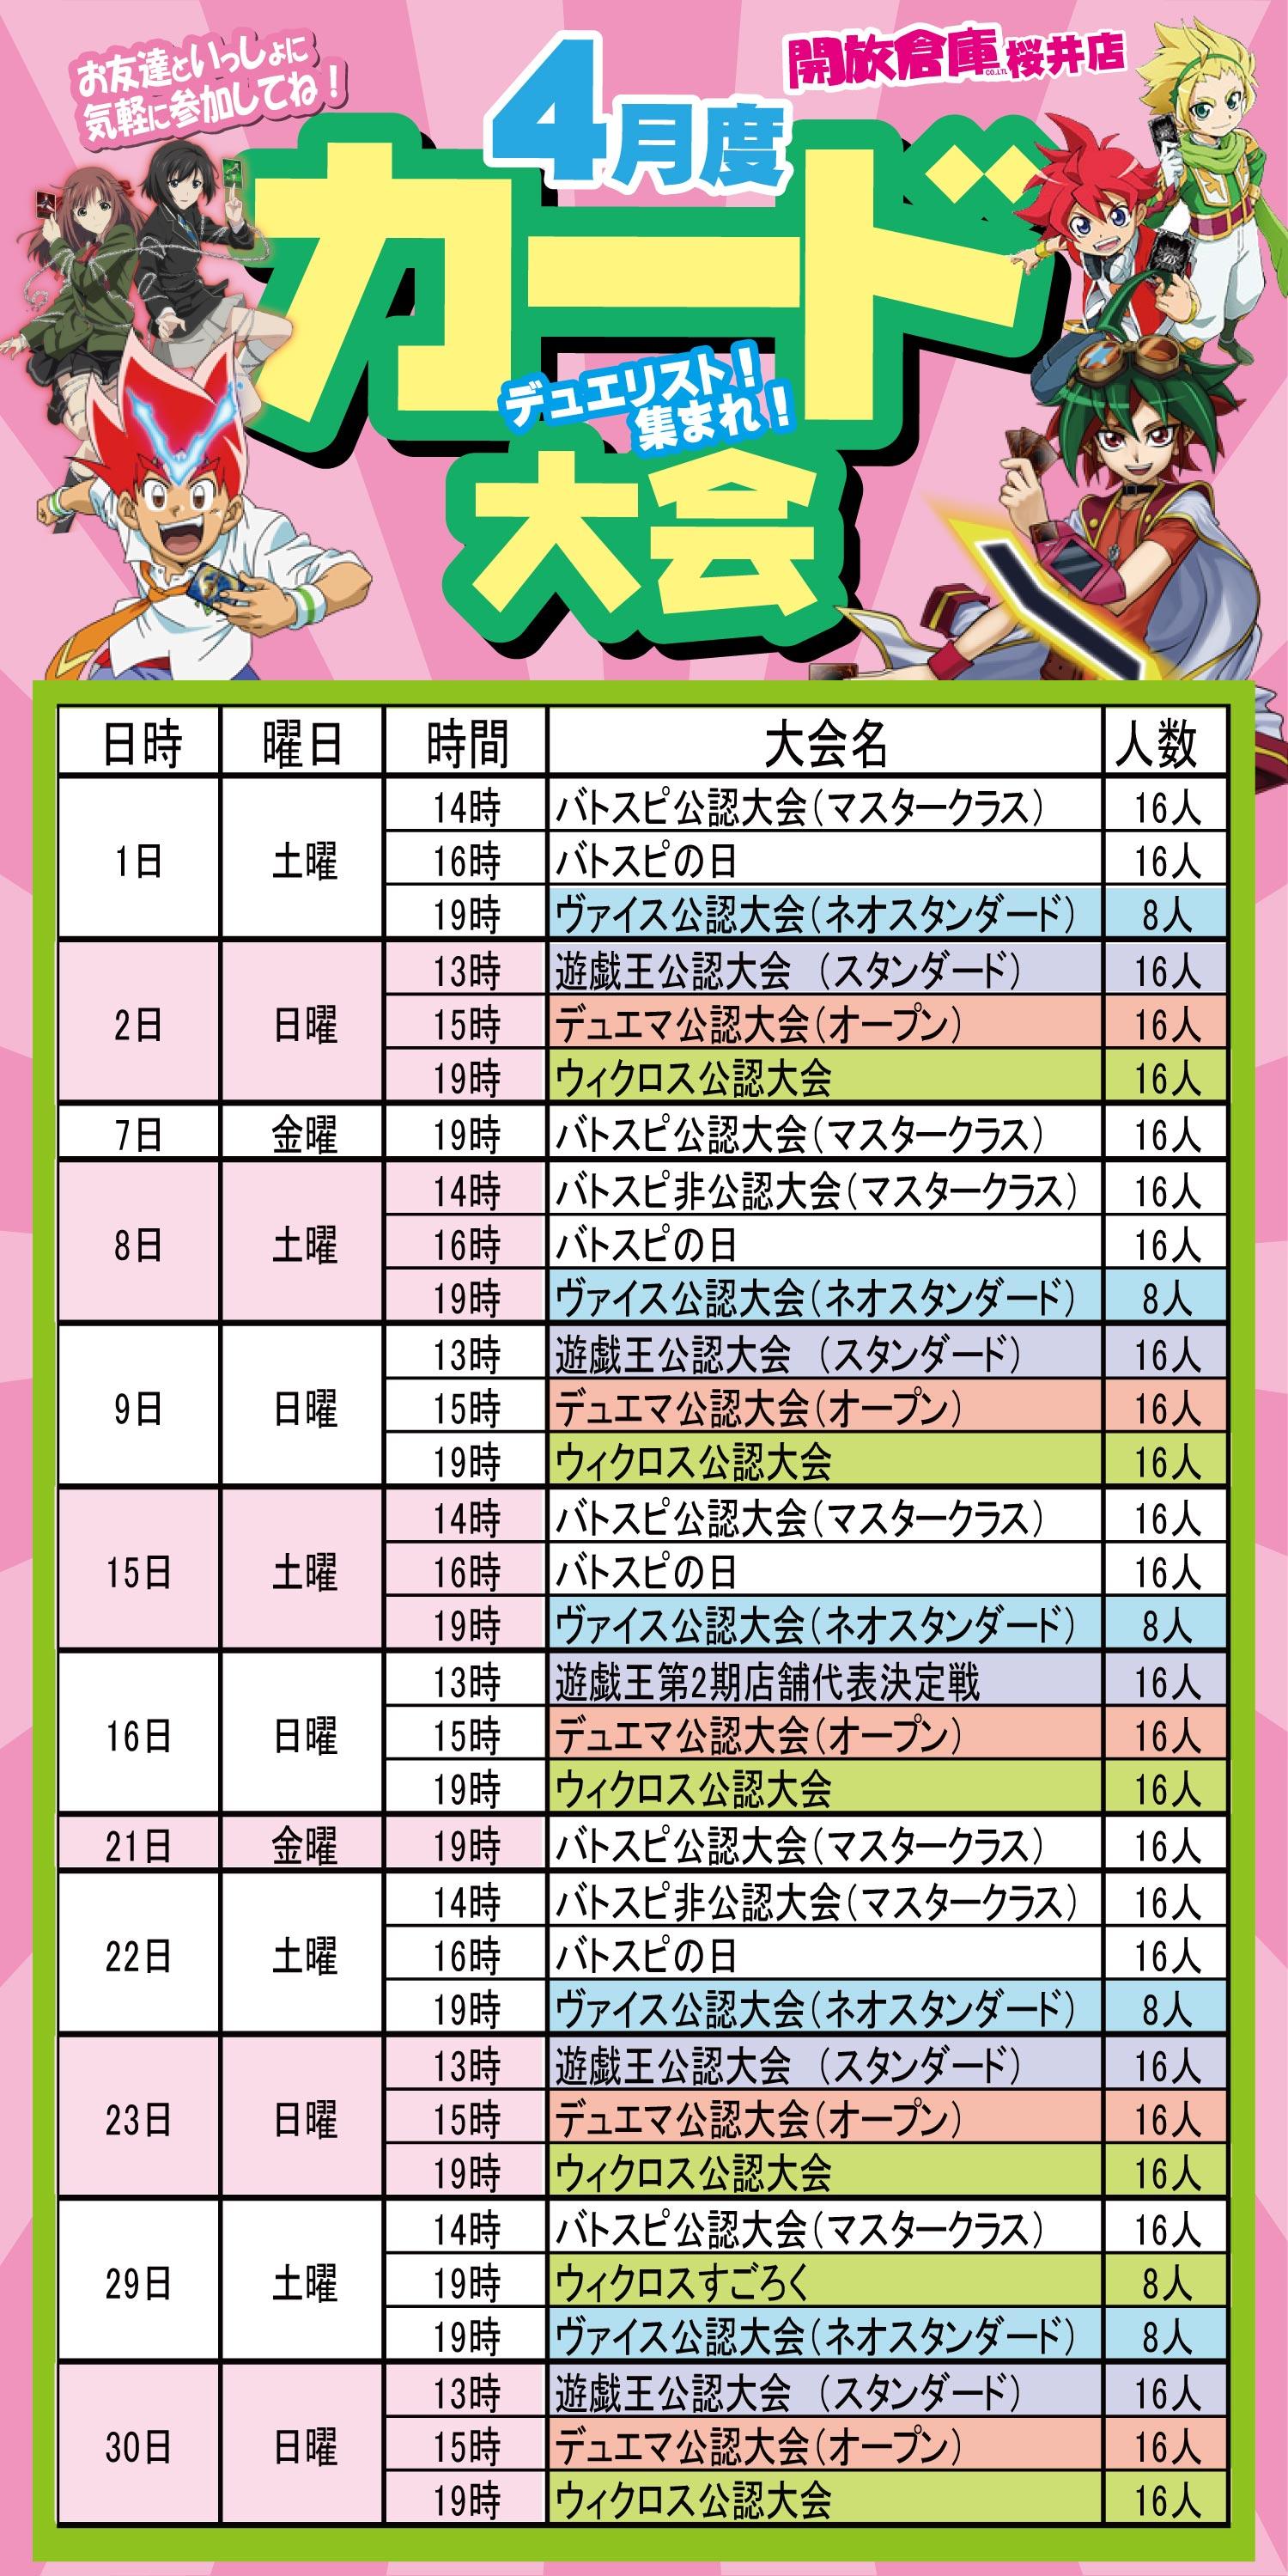 「開放倉庫桜井店」2017年4月度カード大会のスケジュールを更新しました!